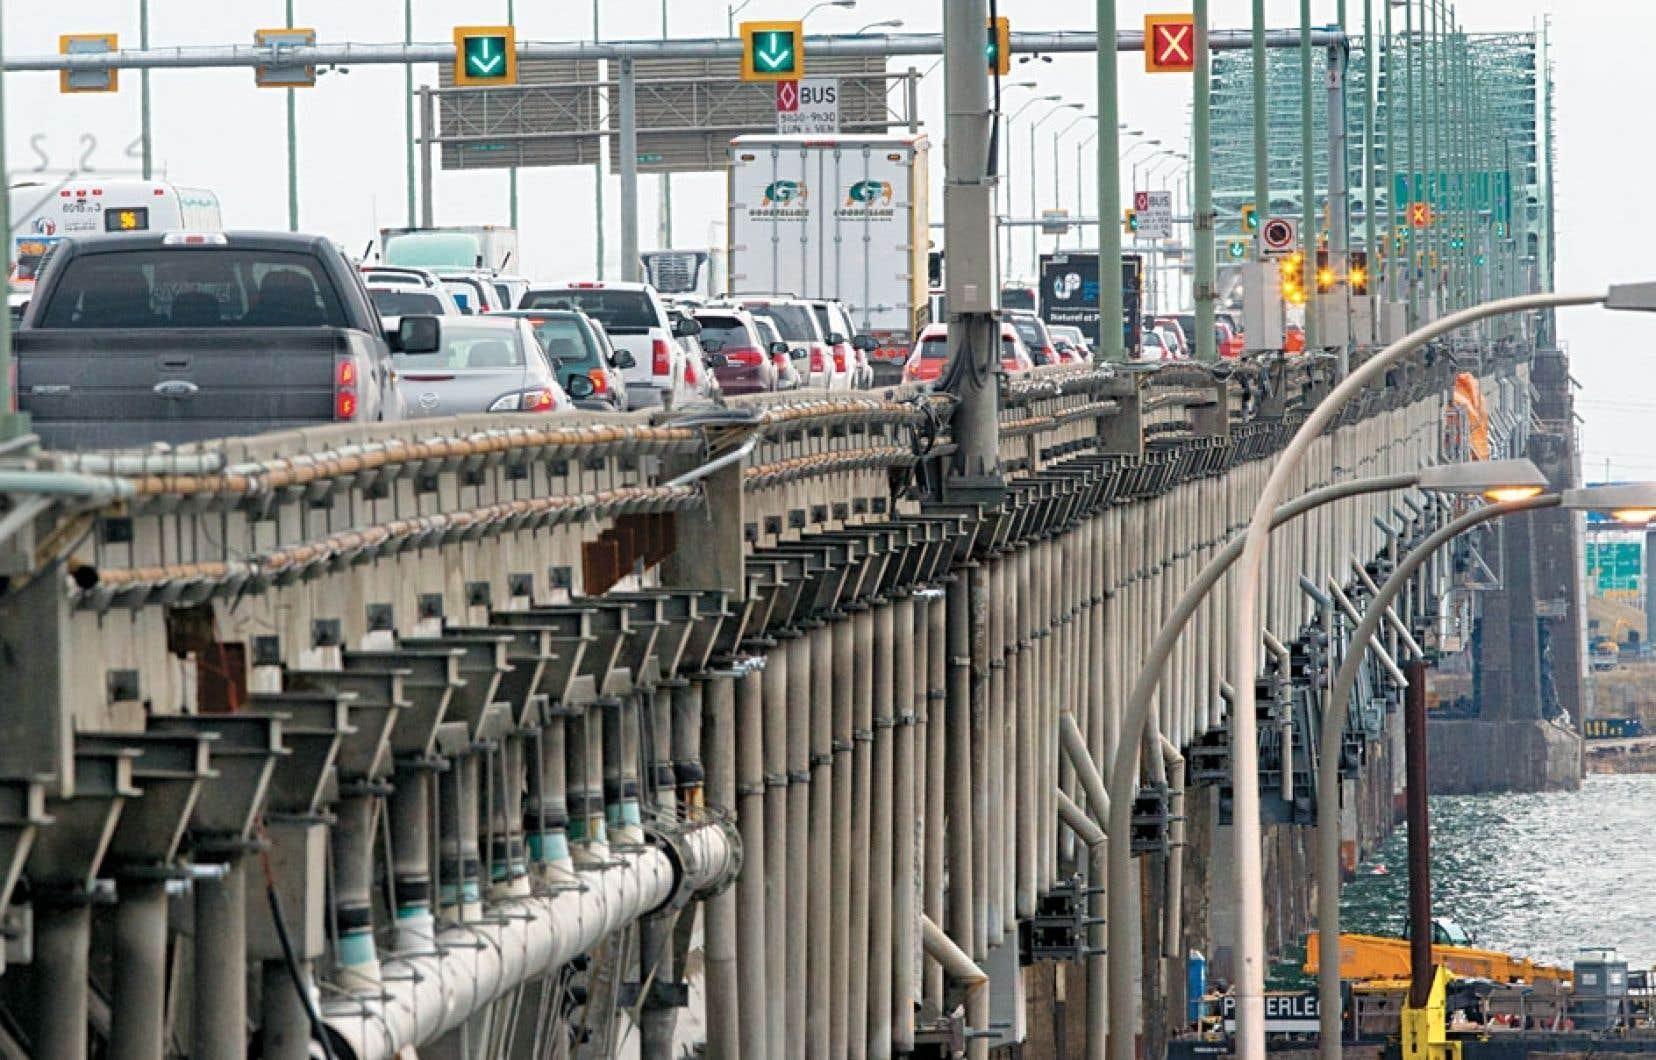 Québec croit en l'importance d'un système de transport léger sur rail pour assurer la fluidité de la circulation dans la région métropolitaine, où la fermeture d'une voie du pont Champlain en raison d'une fissure cause déjà des maux de tête aux automobilistes.